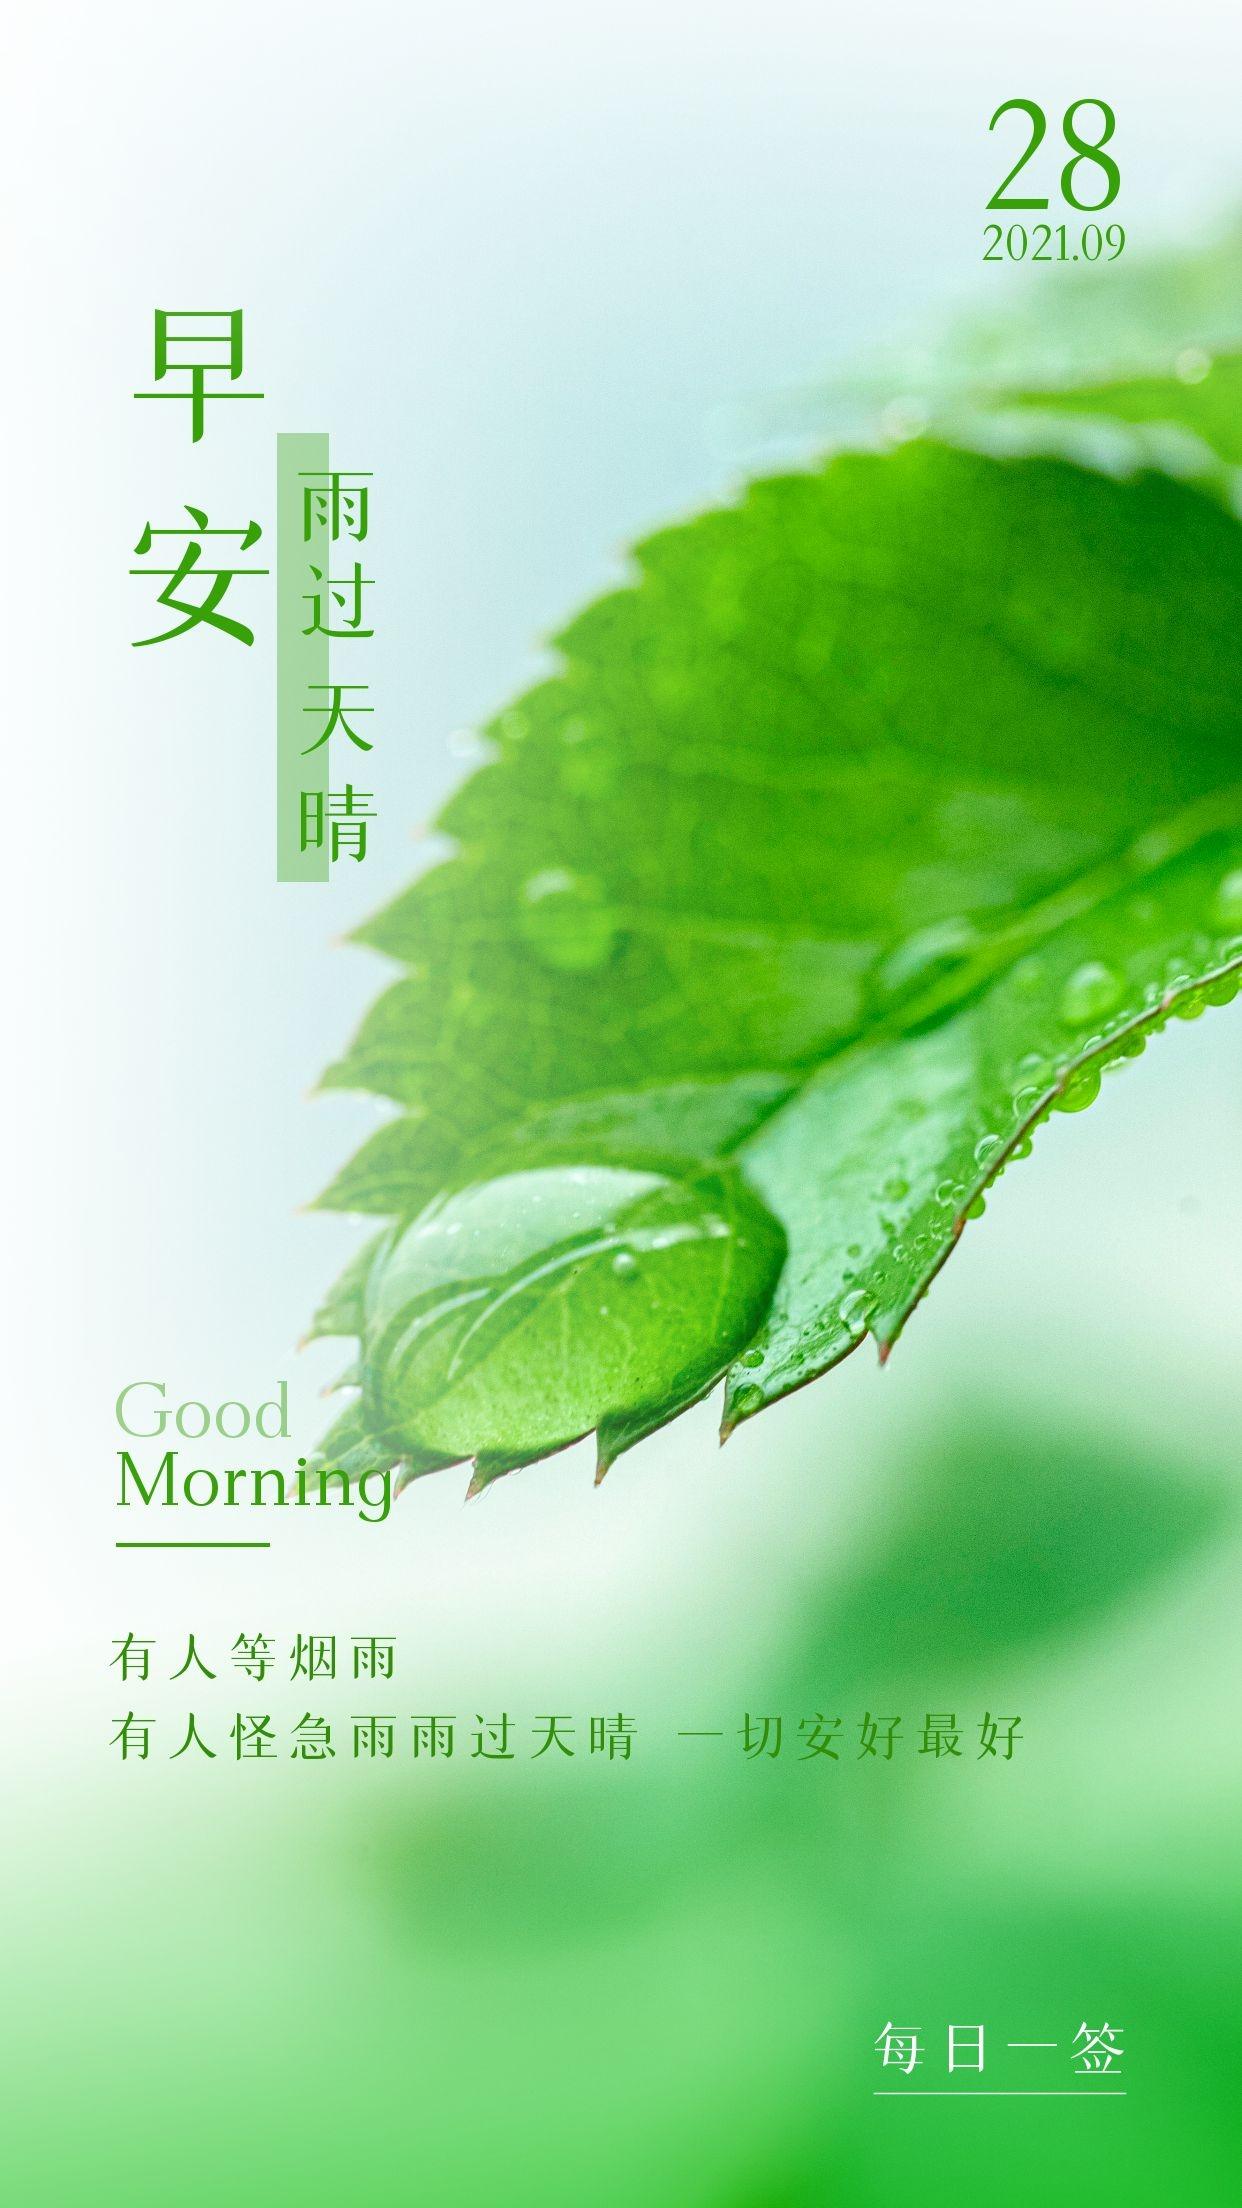 早安心语正能量励志图片语录,一句话早安正能量语录